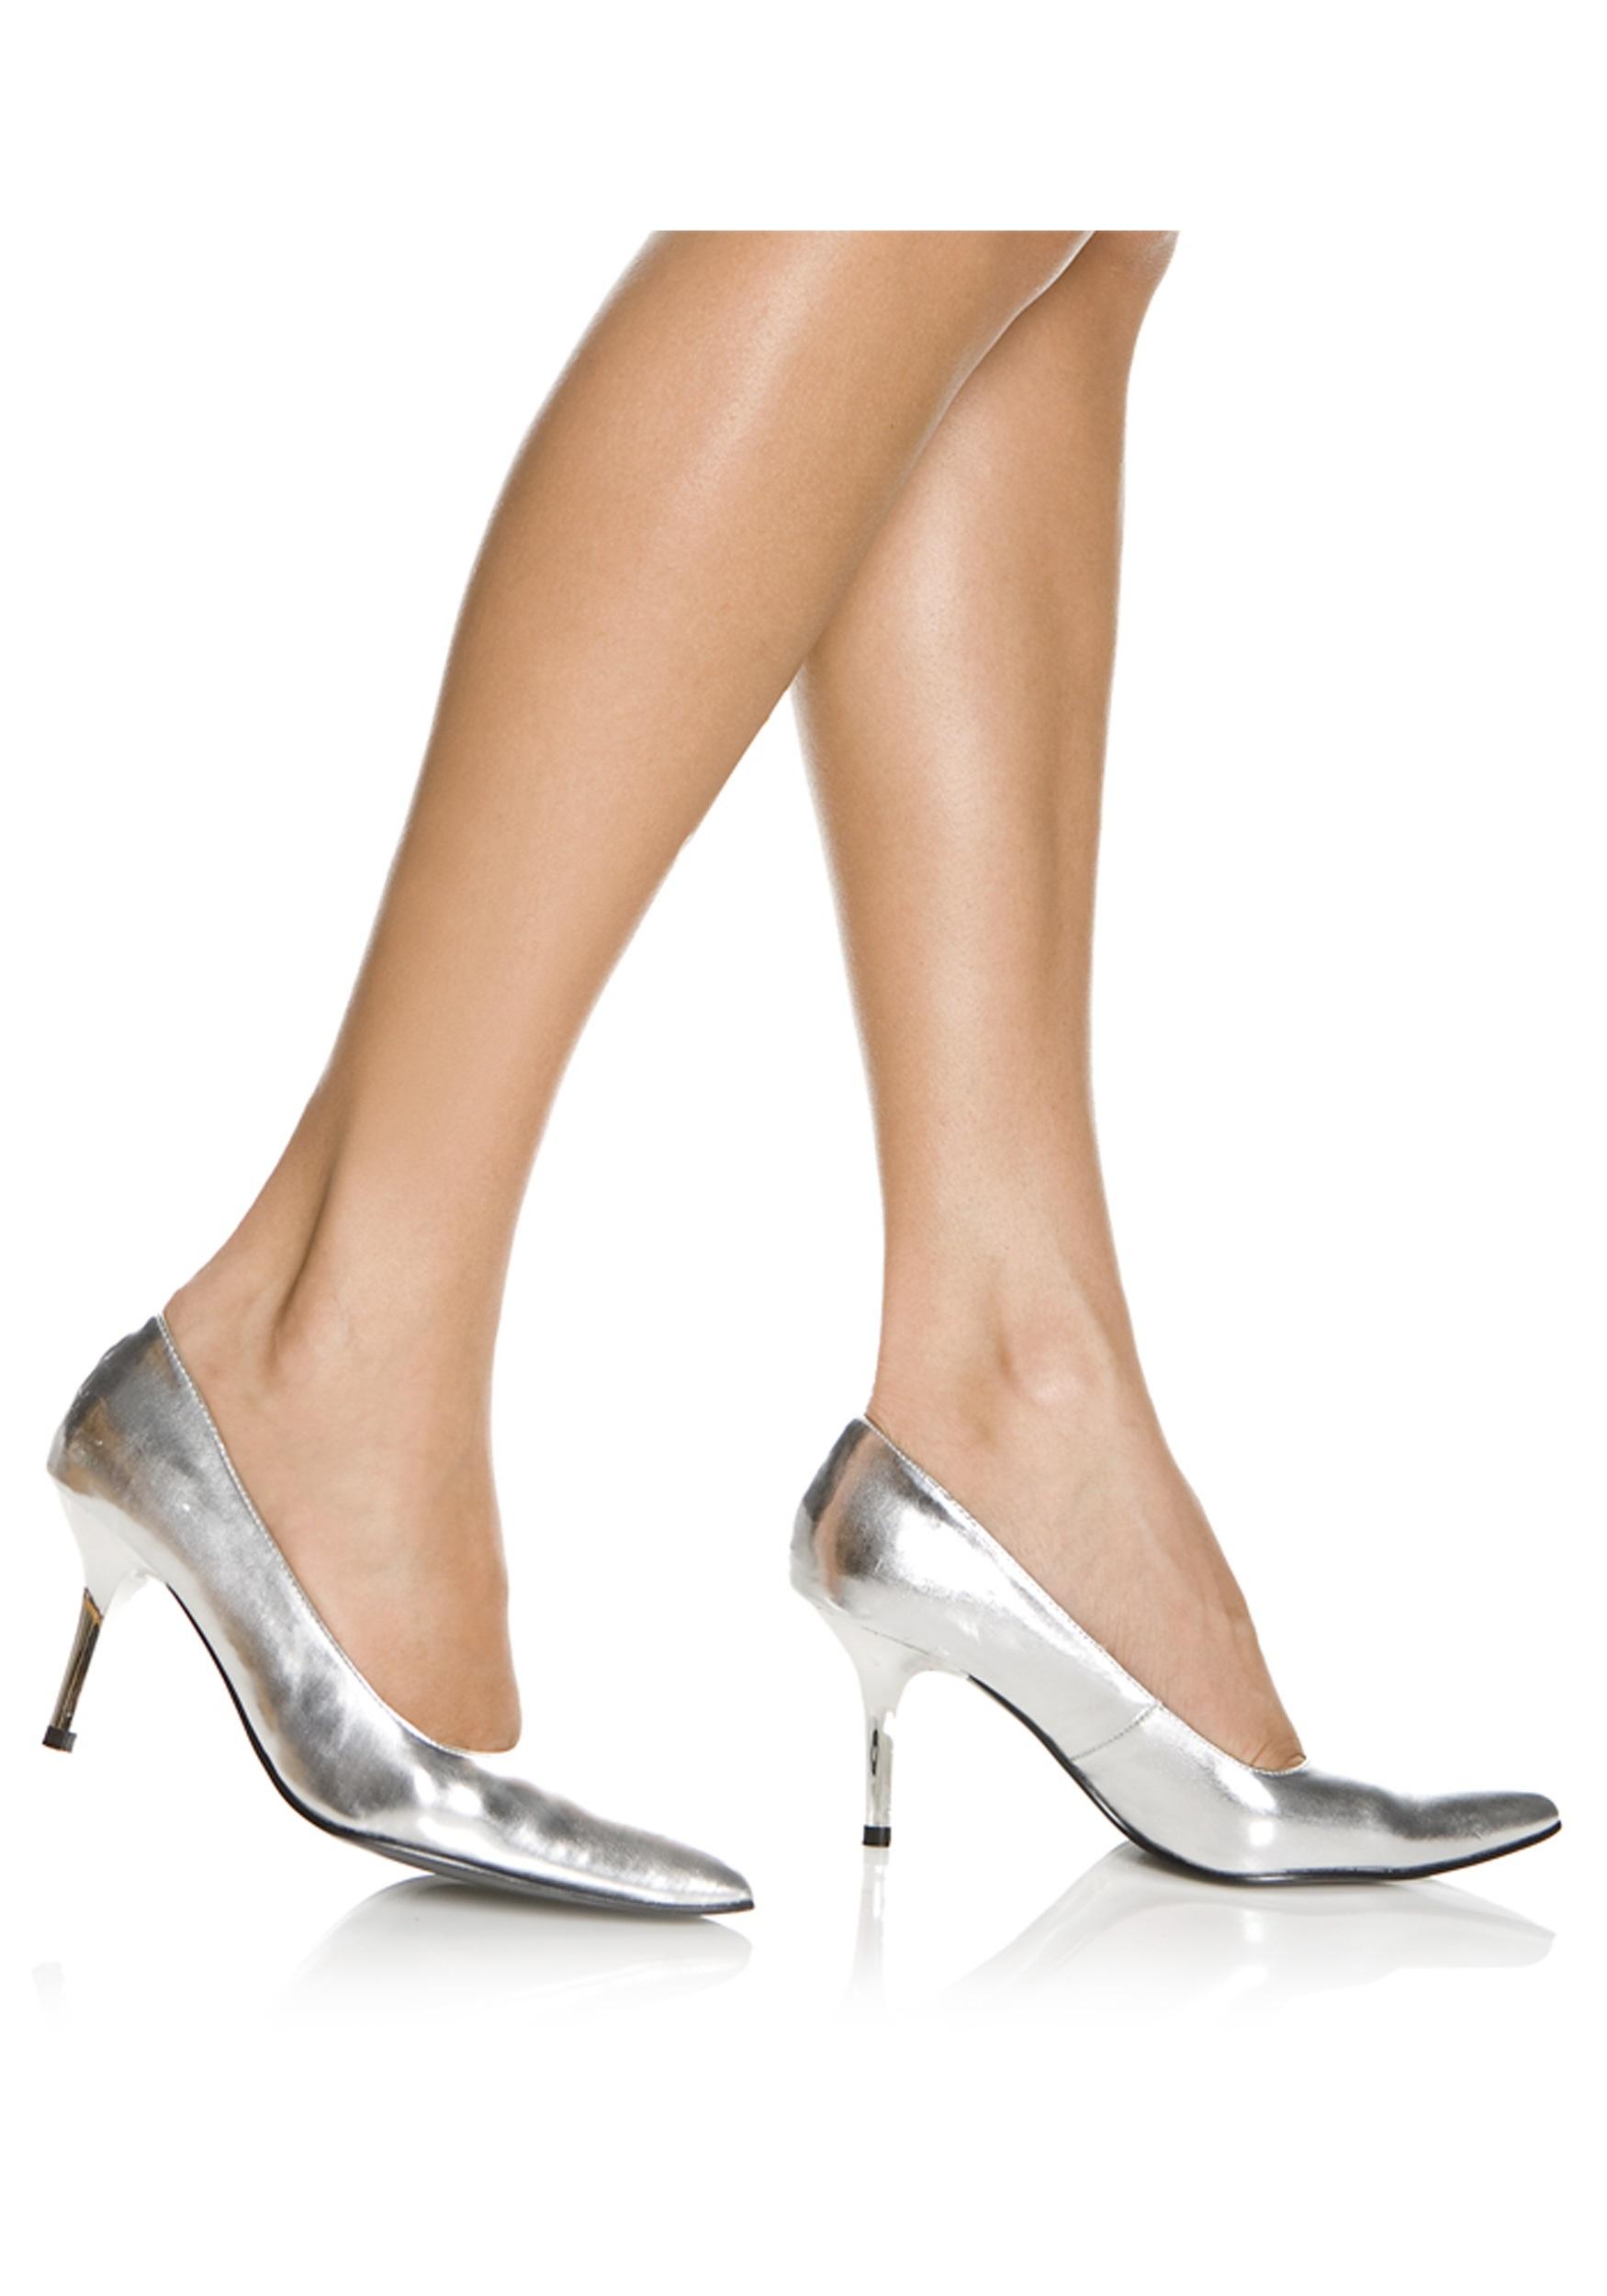 Charm shoes ji